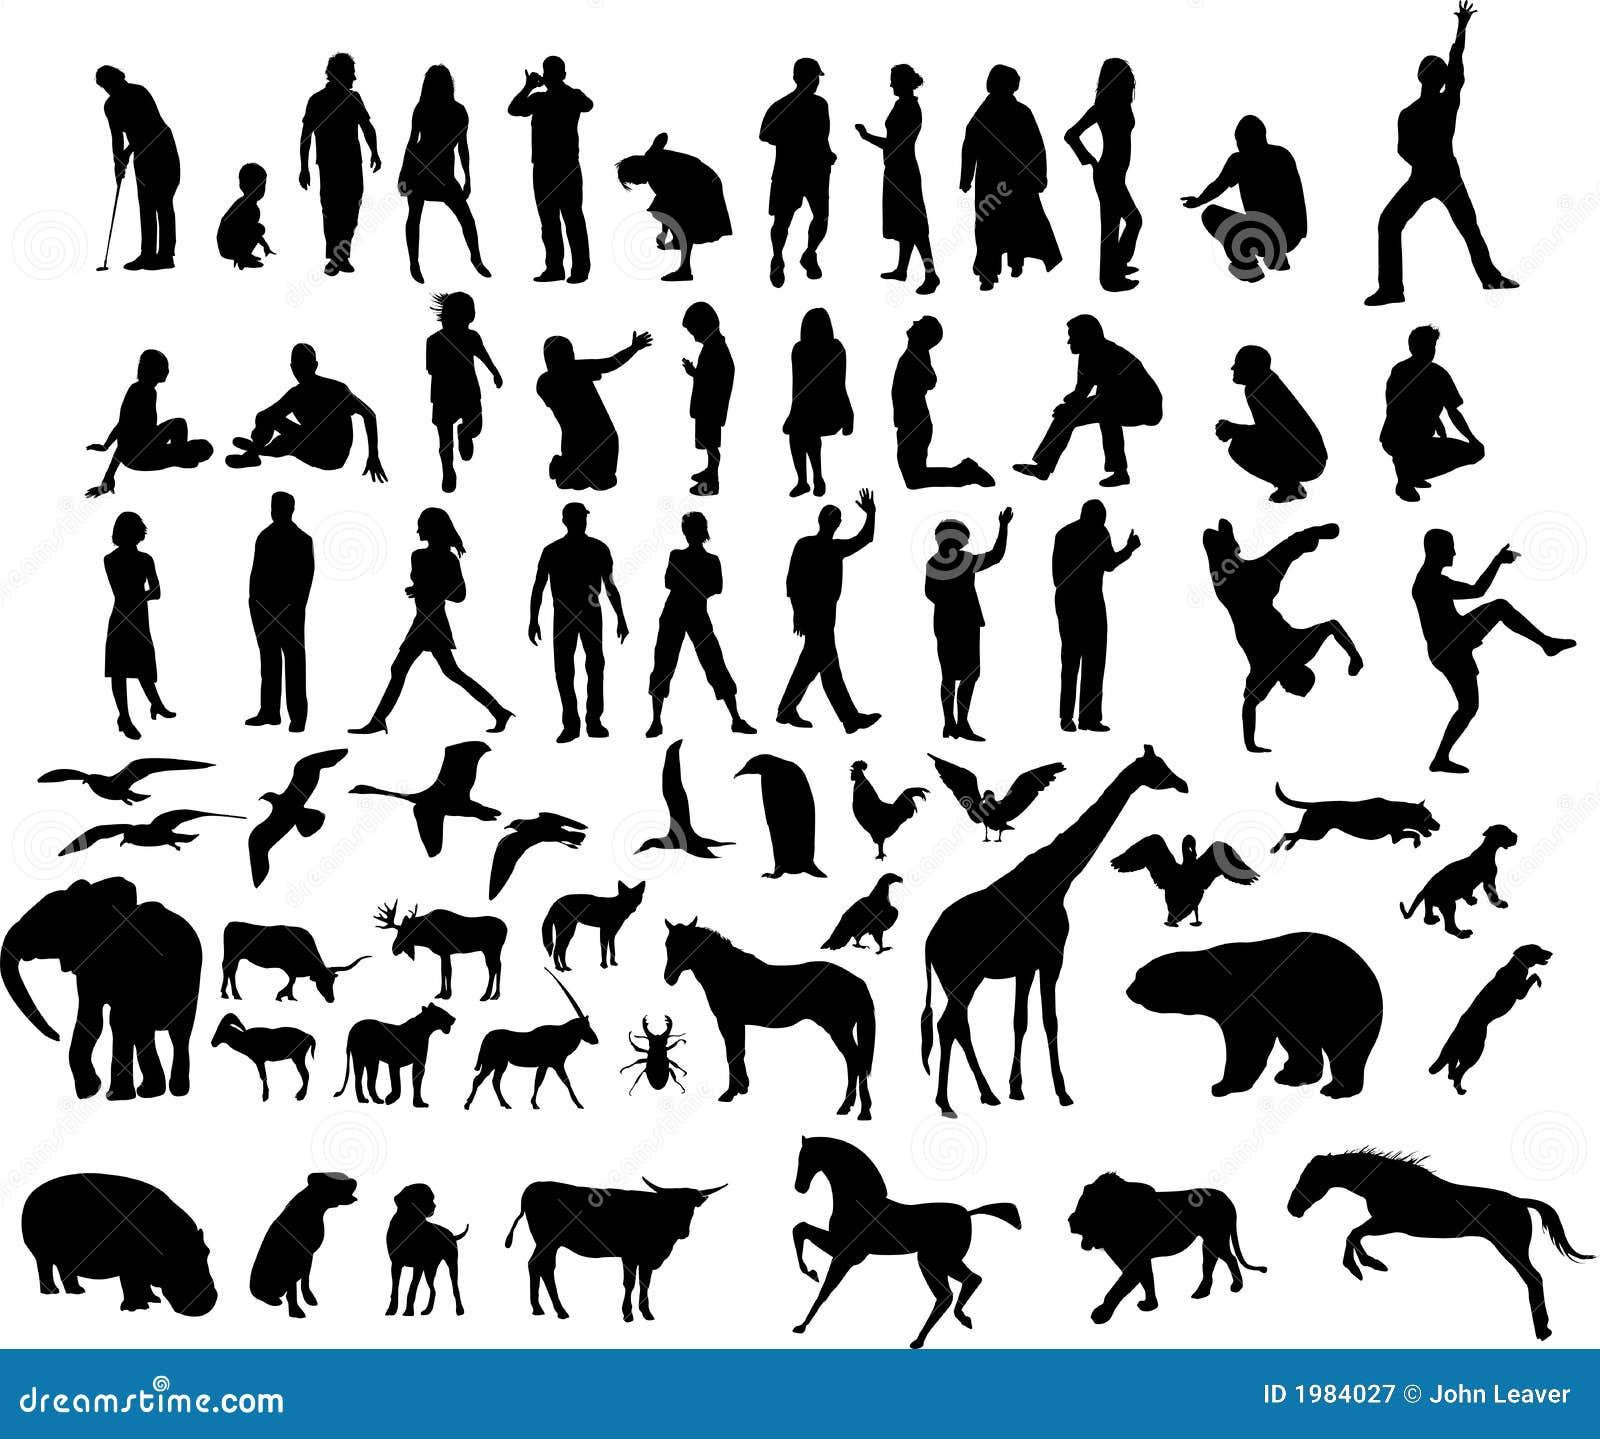 Illustraties van mensen en dieren